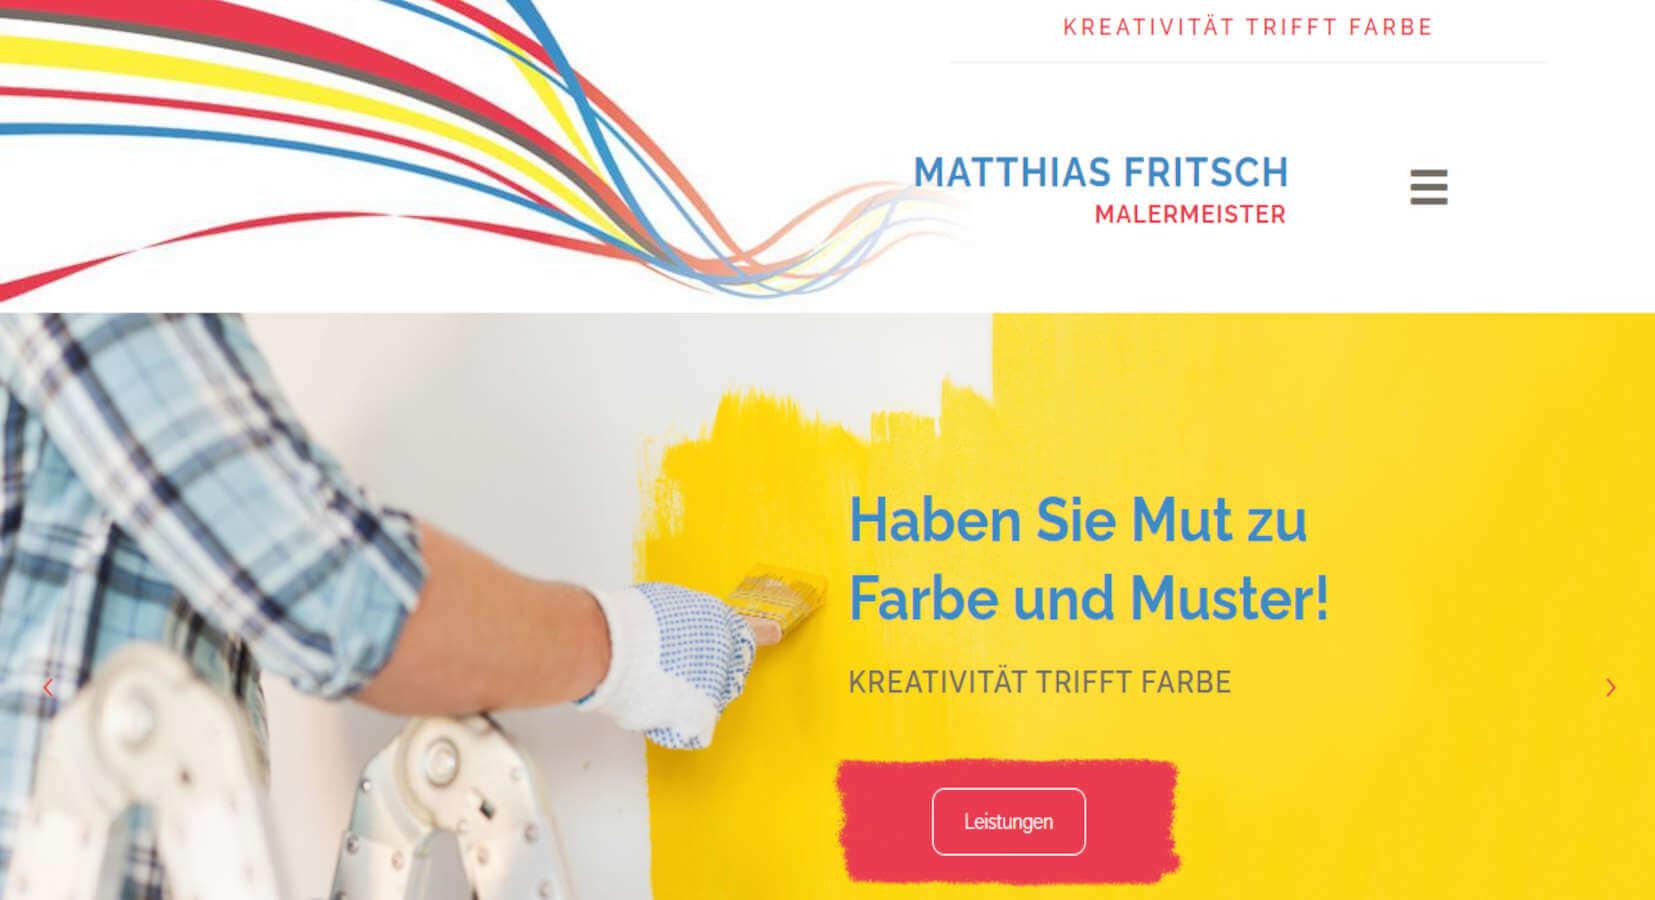 Malermeister Matthias Fritsch